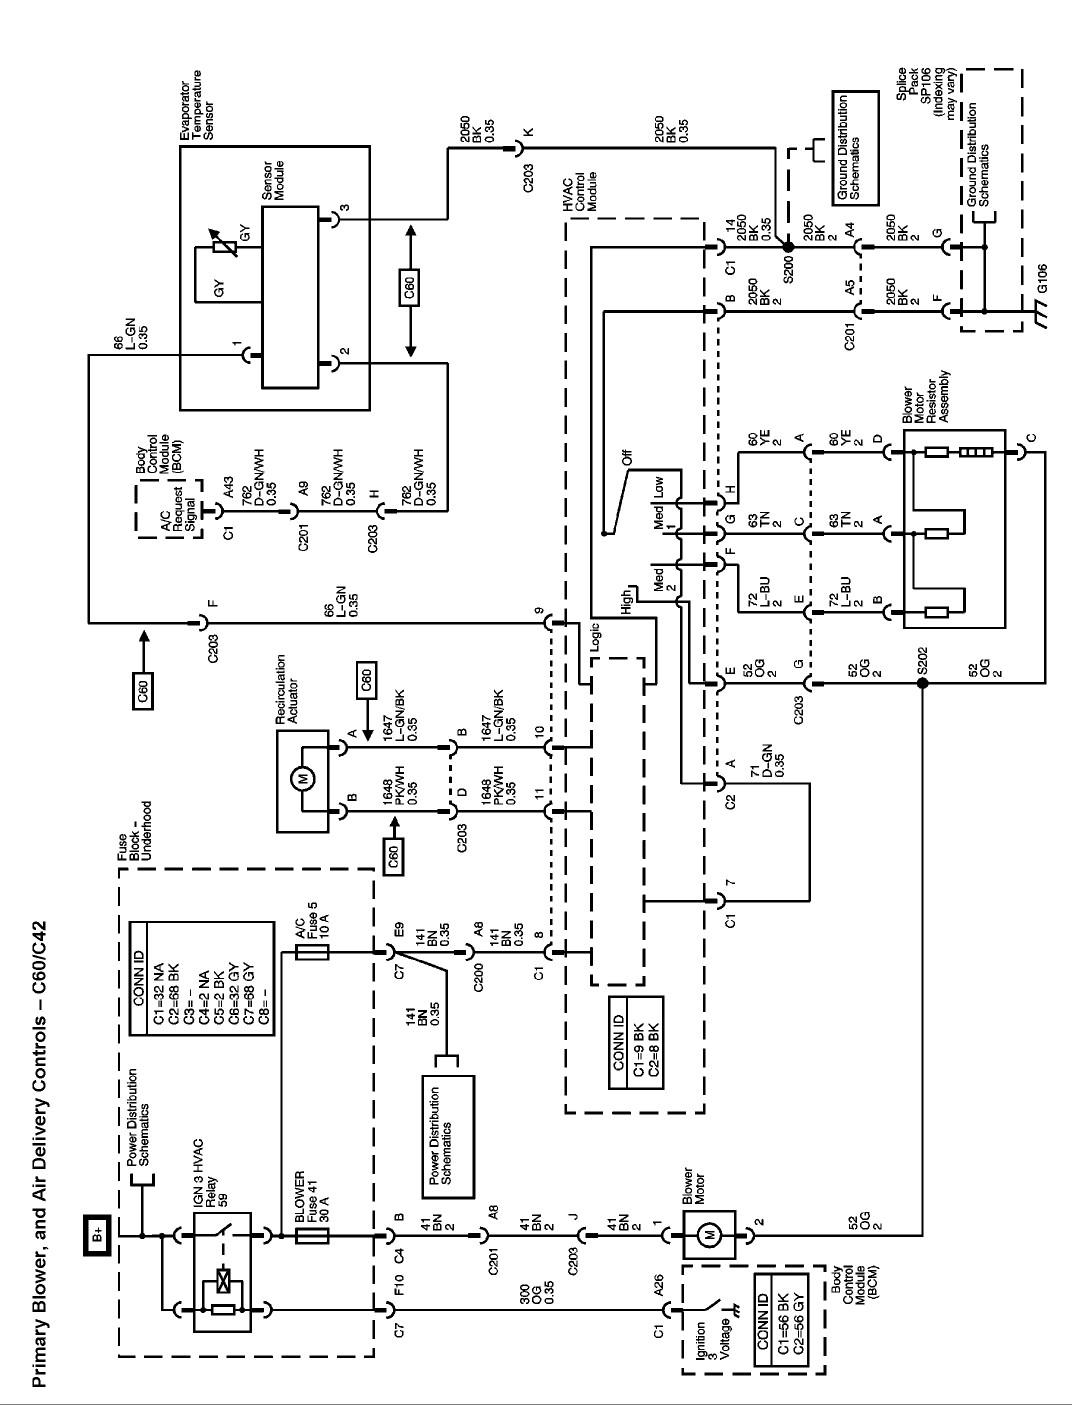 [EQHS_1162]  2004 Gmc Canyon Wiring Schematics - 2012 Buick Verano Engine Diagram for Wiring  Diagram Schematics   Chevrolet Colorado Fuse Diagram      Wiring Diagram Schematics